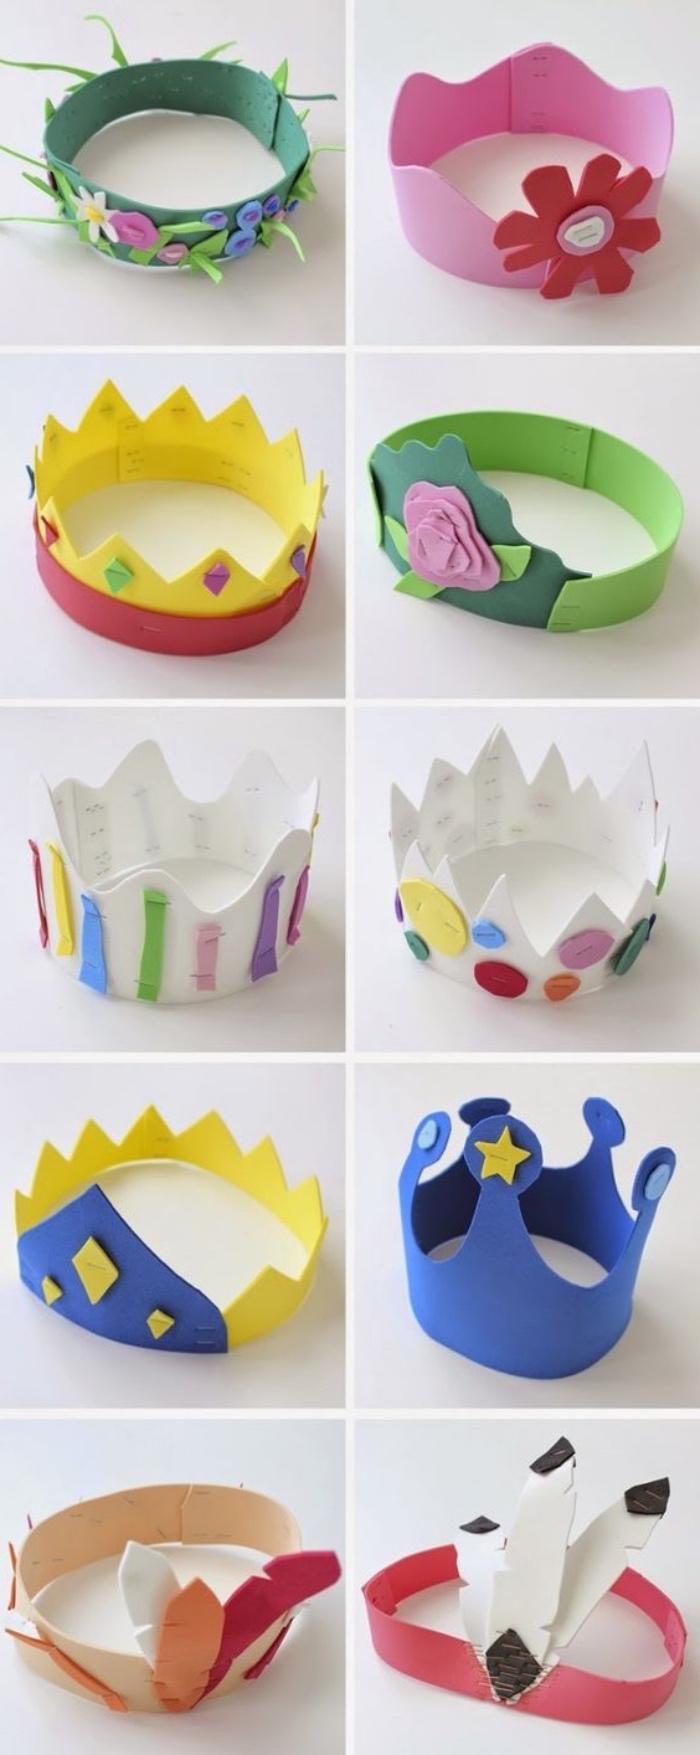 kreative Bastelideen für jede Saison, Krone selber basteln, Kronen aus Papier für Jungen und Mädchen